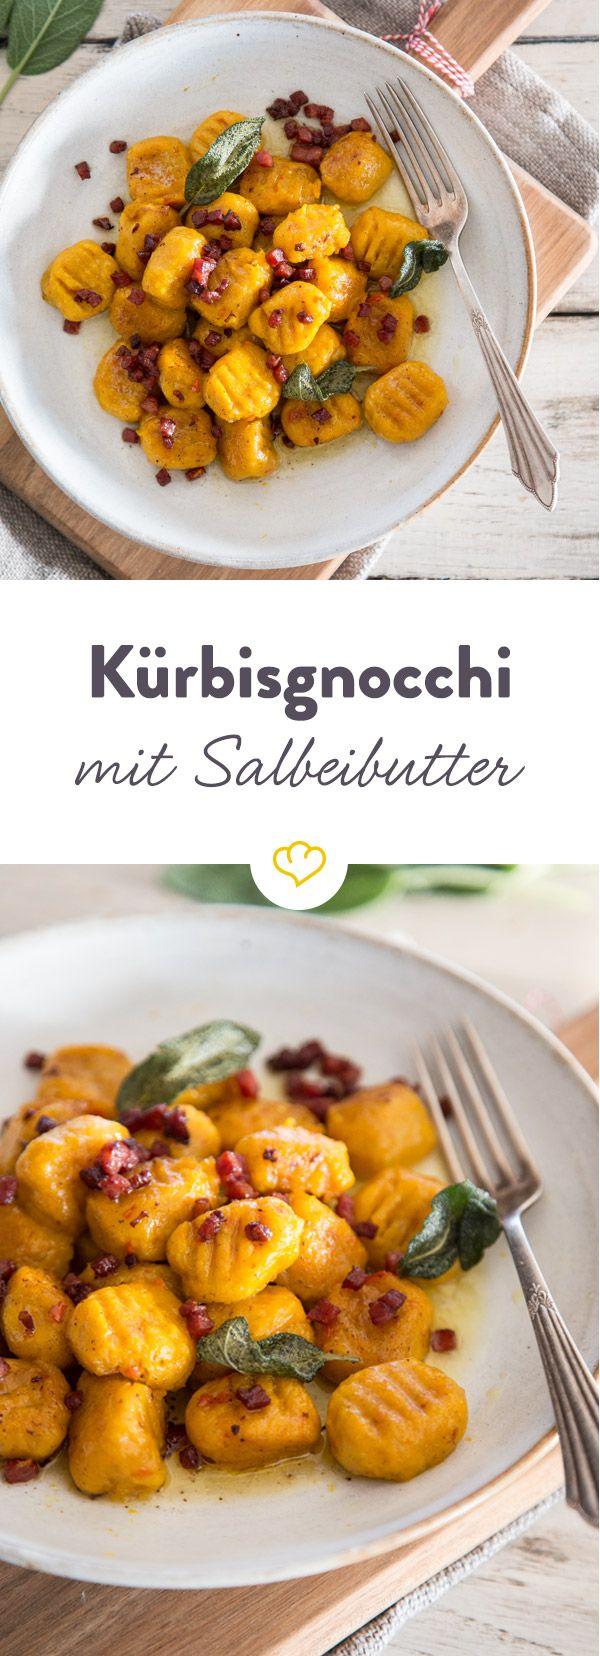 Für kalte Tage: Kürbisgnocchi mit Speck und Salbeibutter #recipeshealthy